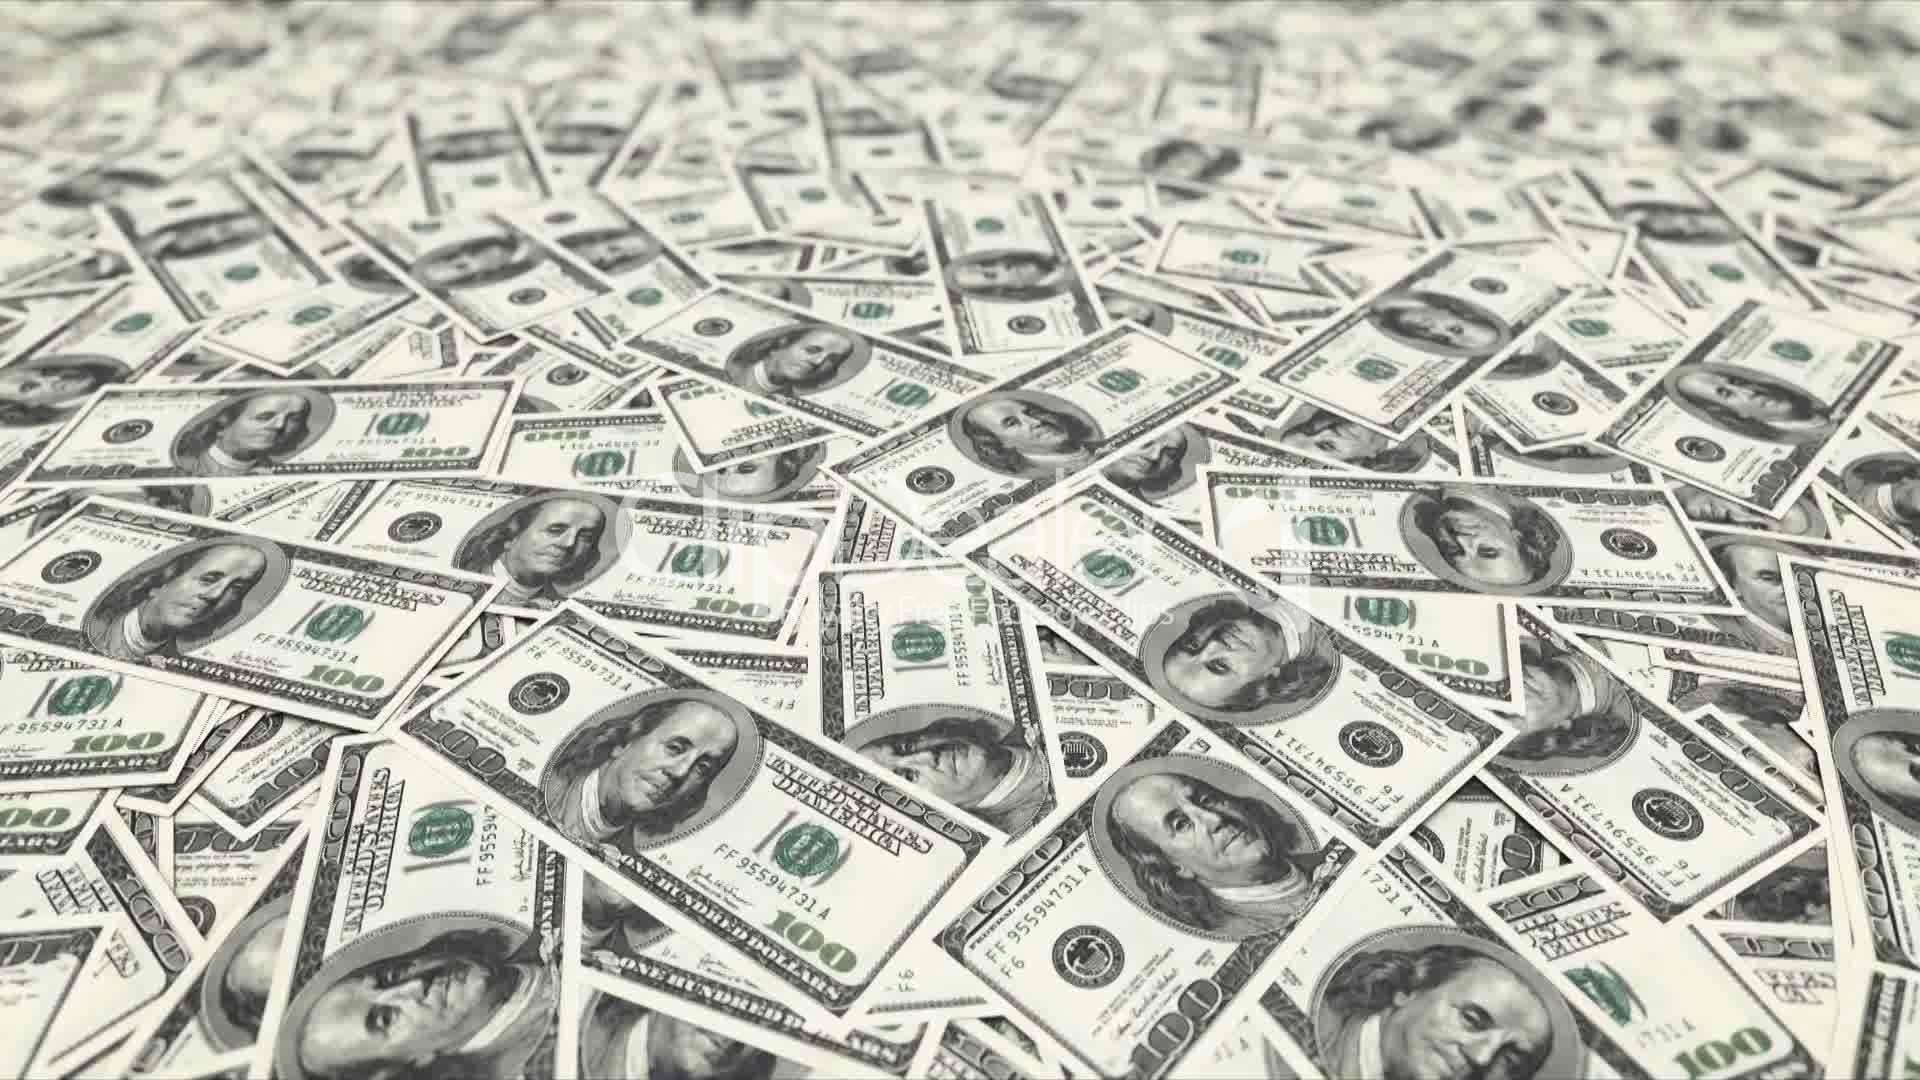 money-background-images-uongflup